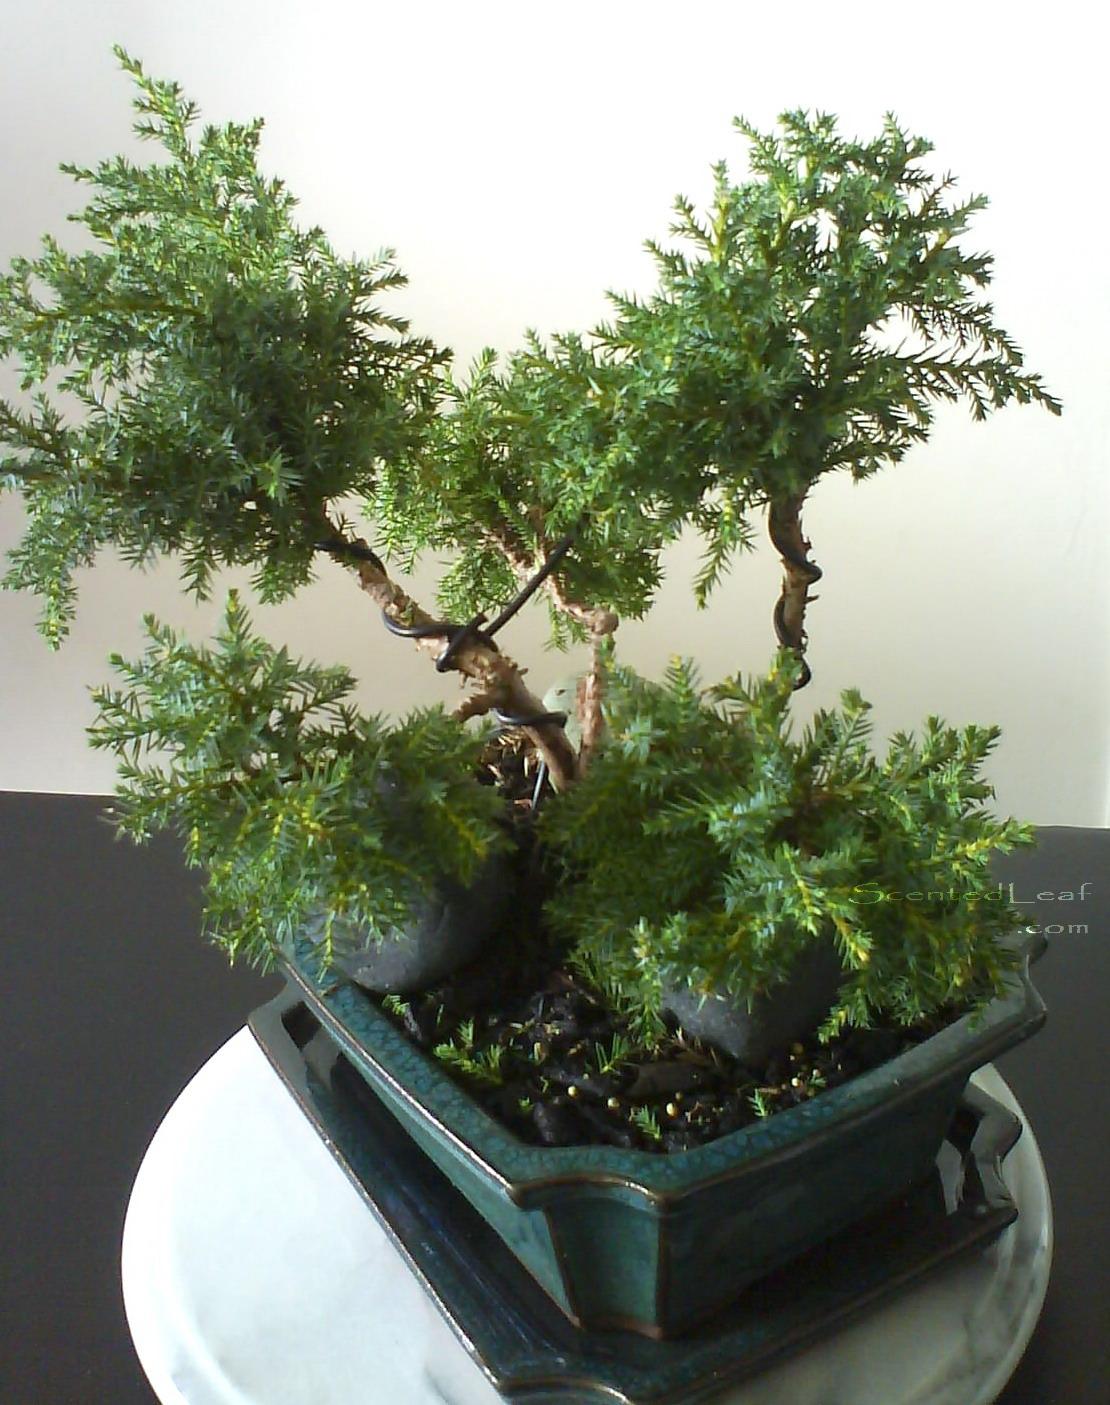 Scented Leaf: Juniperus trees